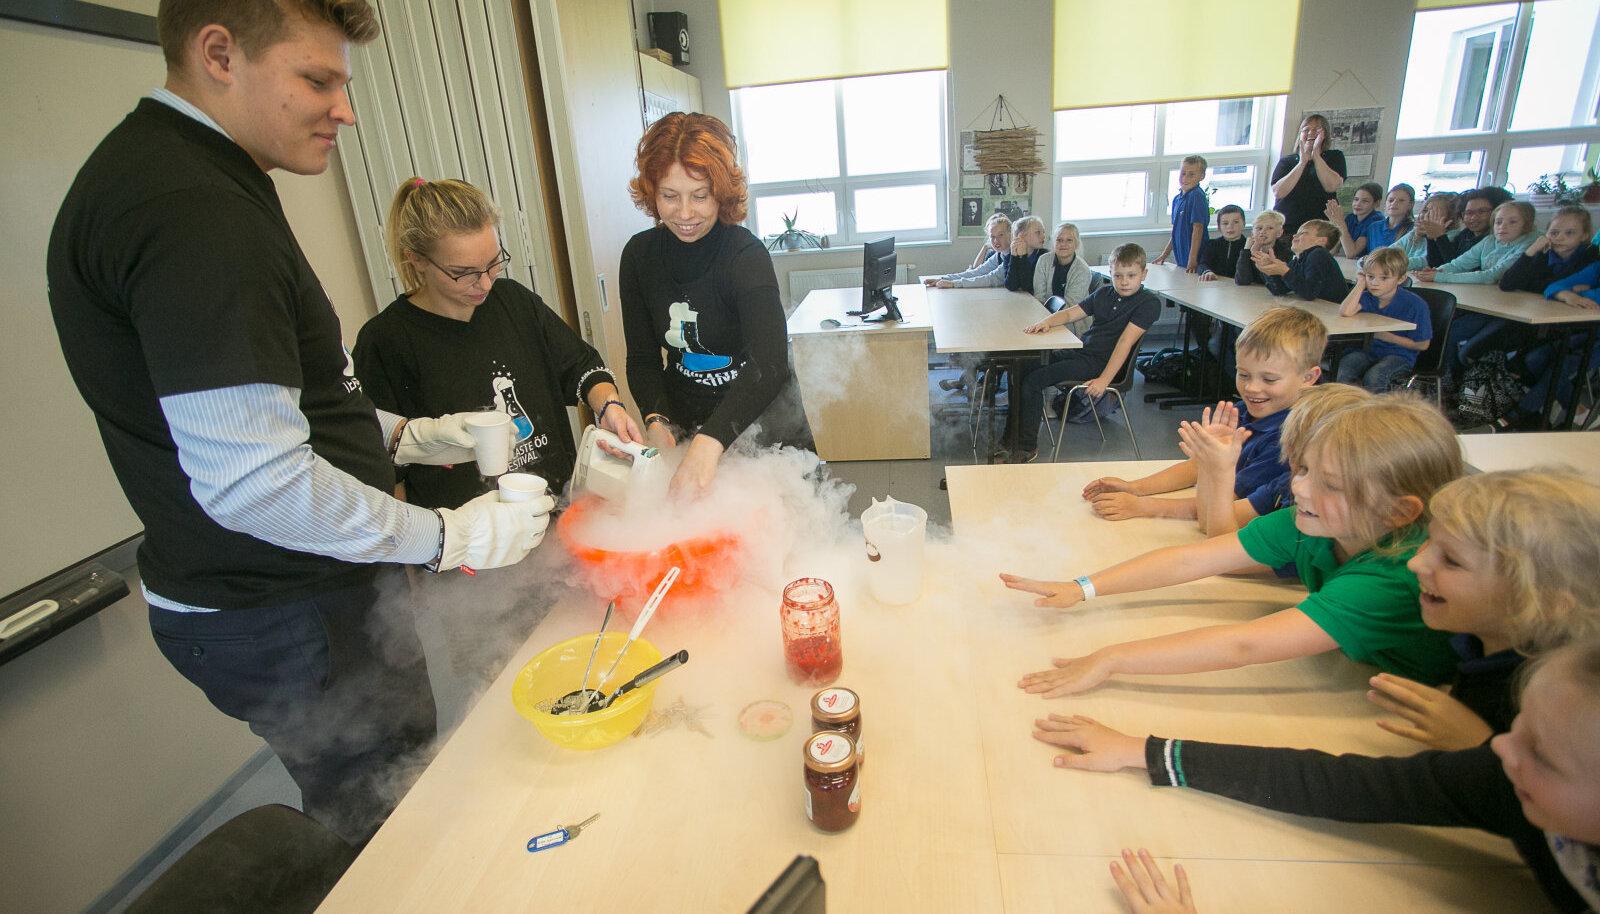 Vedela lämmastiku valamisest jäätisesegule kerkis üles aurupahvak, mis pani õpilased kihama.